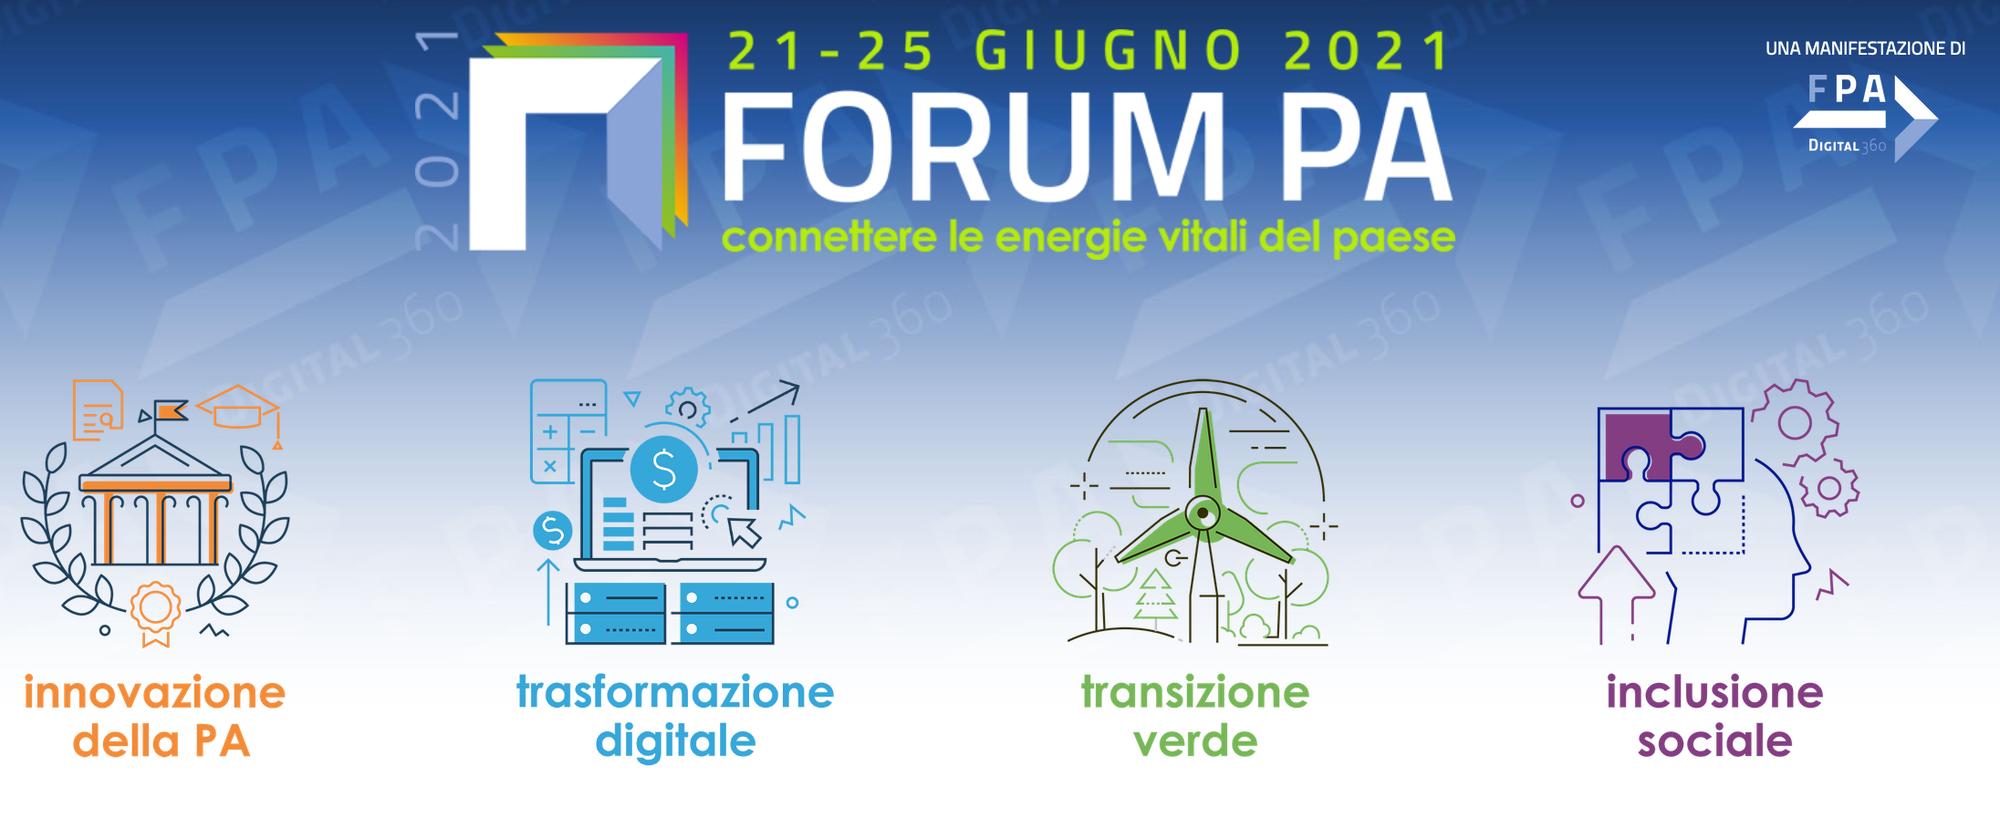 """Variazioni parteciperà al Forum PA """"Connettere le energie vitali del Paese"""" di FPA"""